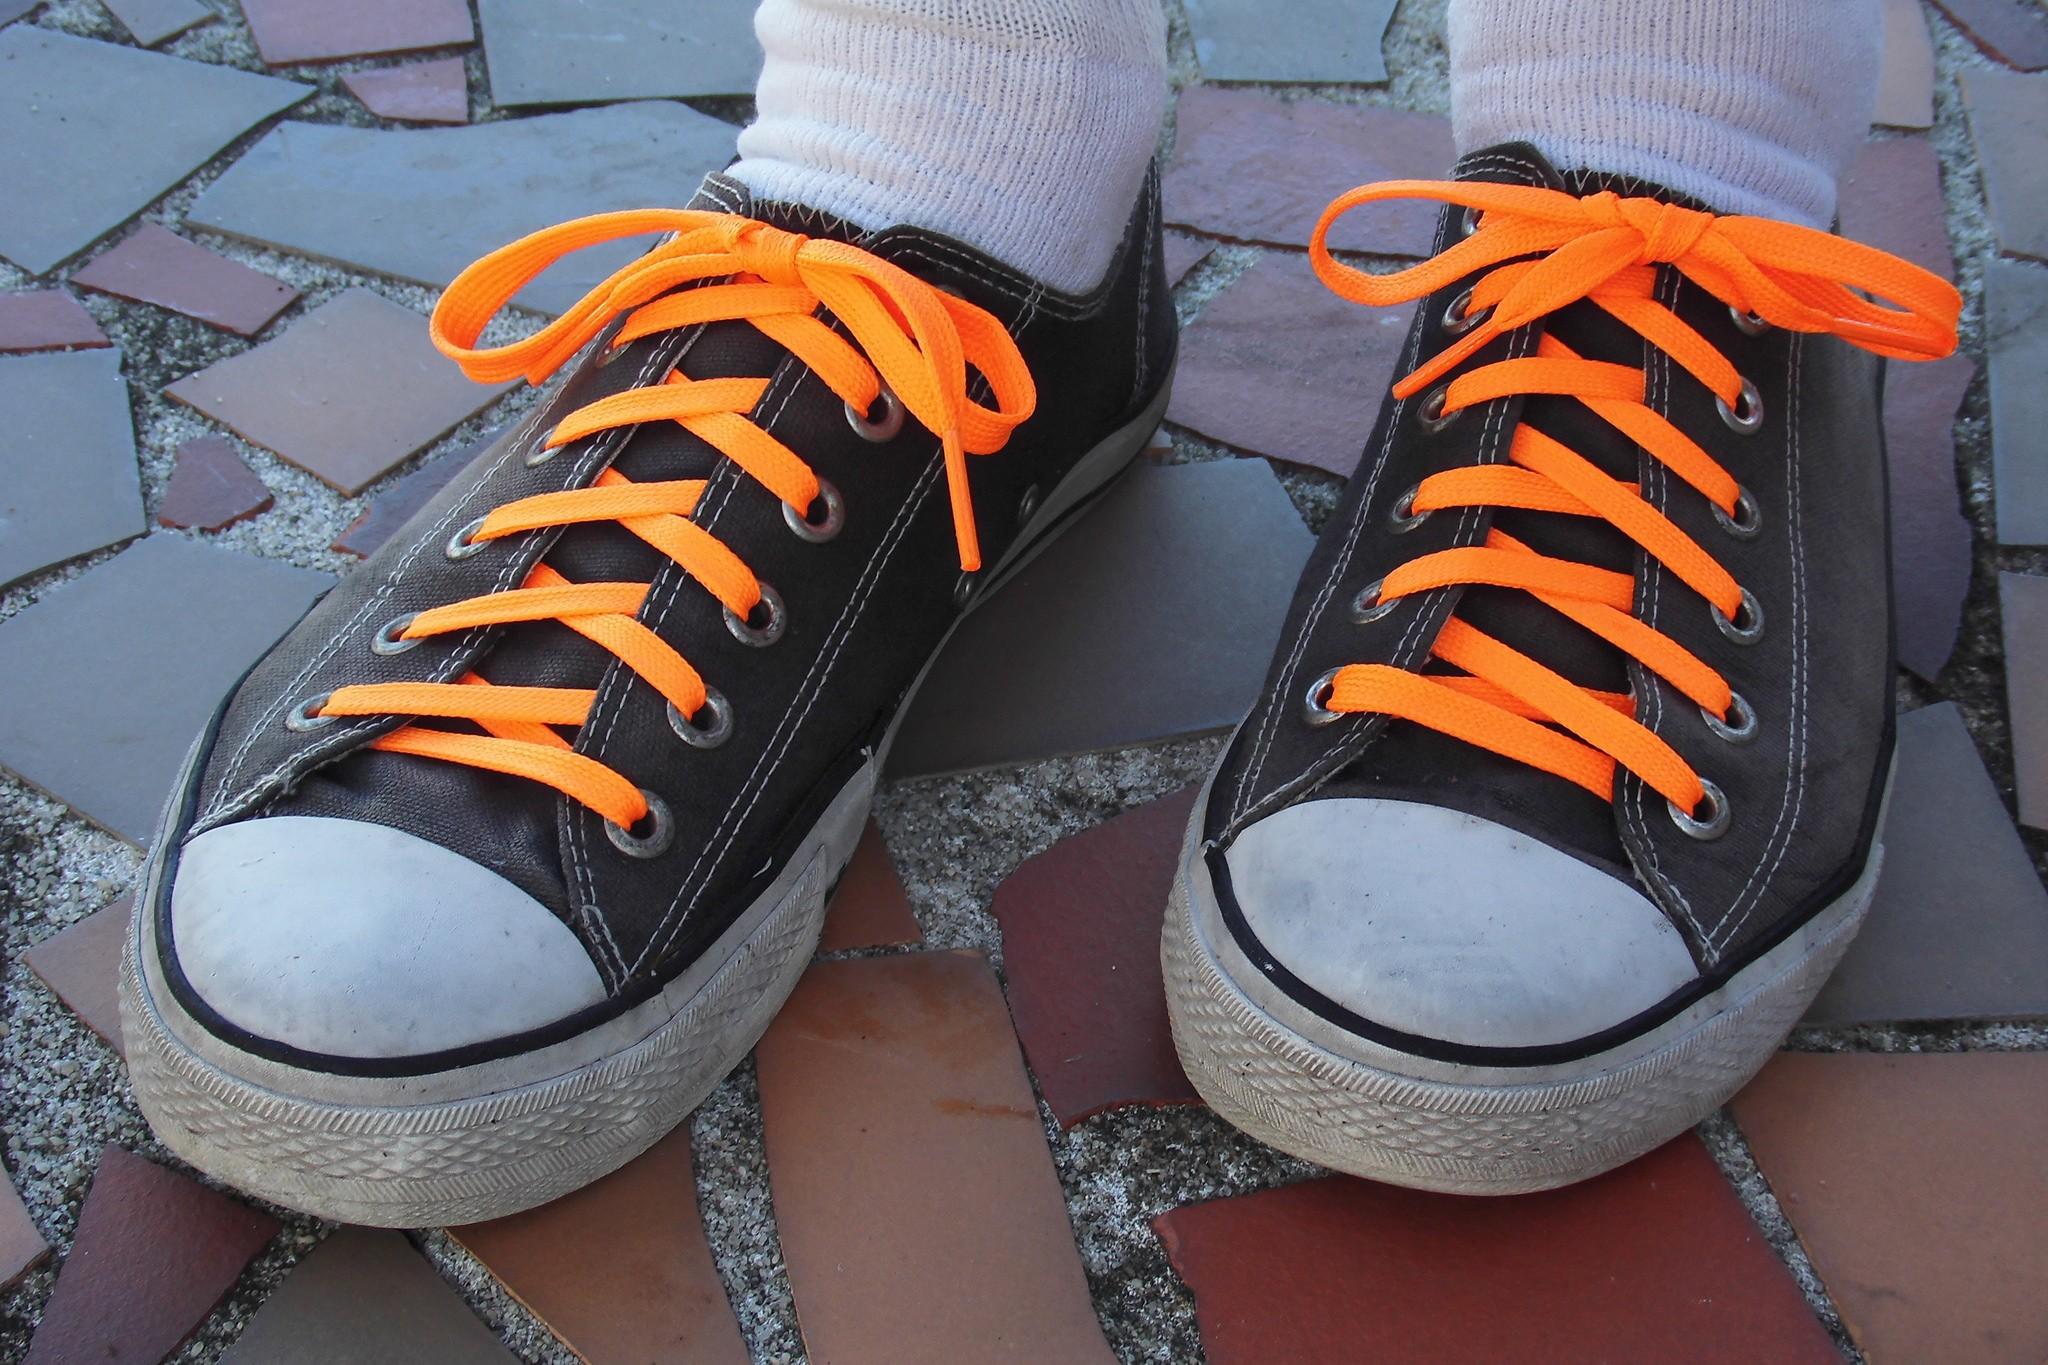 Tênis amarrado com nó de recife  (Foto: Flickr/ Daniel Oines/ Creative Commons)